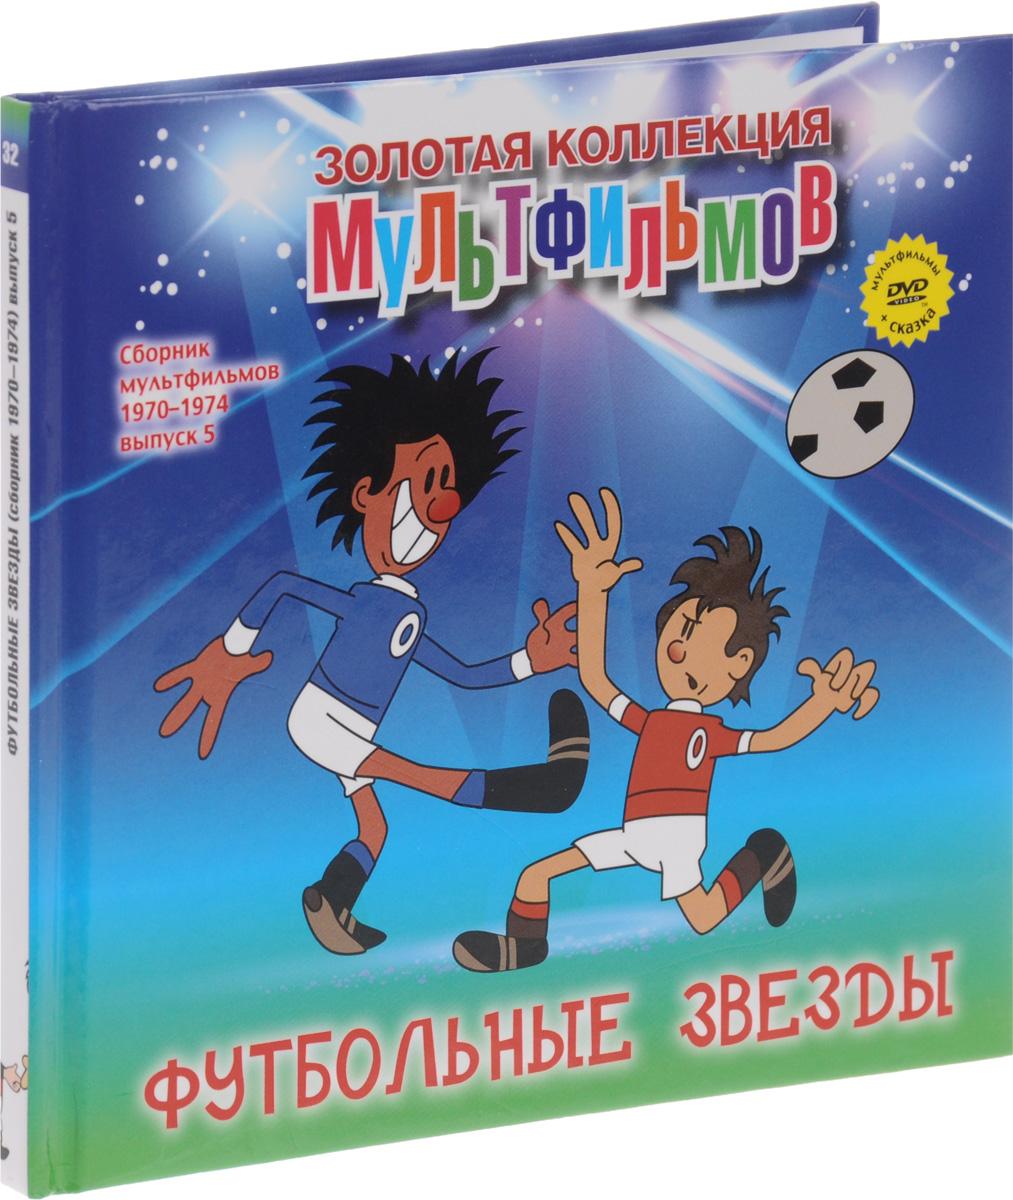 Сборник мультфильмов 1970-1974: Выпуск 5: Футбольные звезды